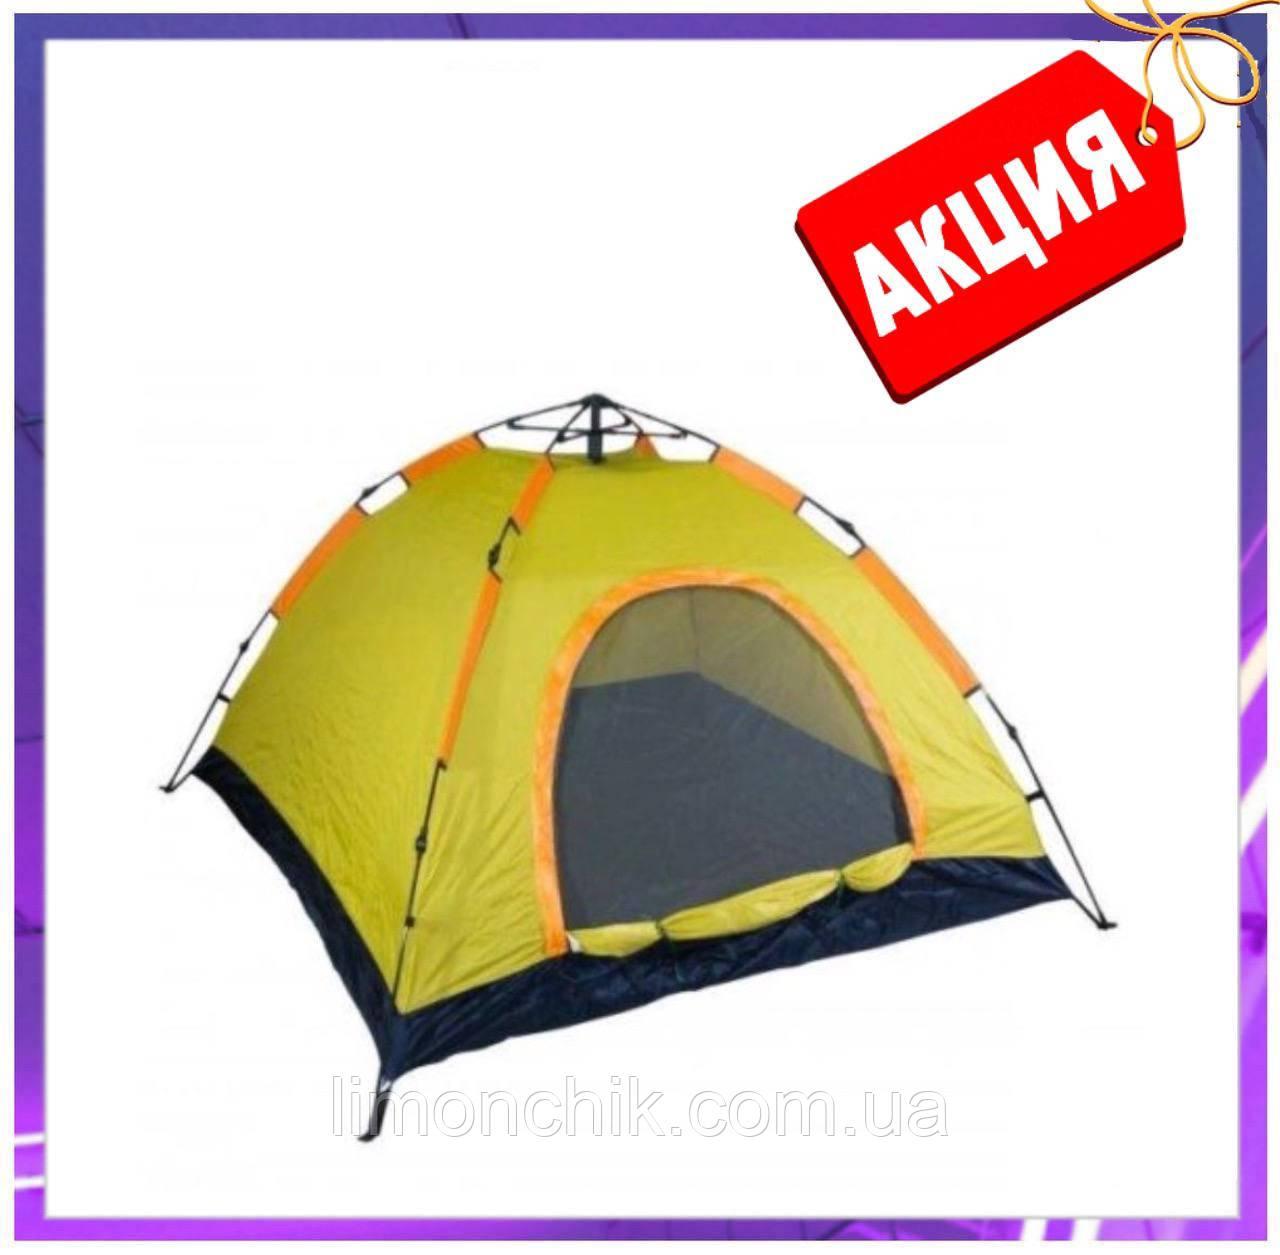 Палатка 2*2м автоматическая туристическая кемпинговая с вентиляцией универсальная для кемпинга